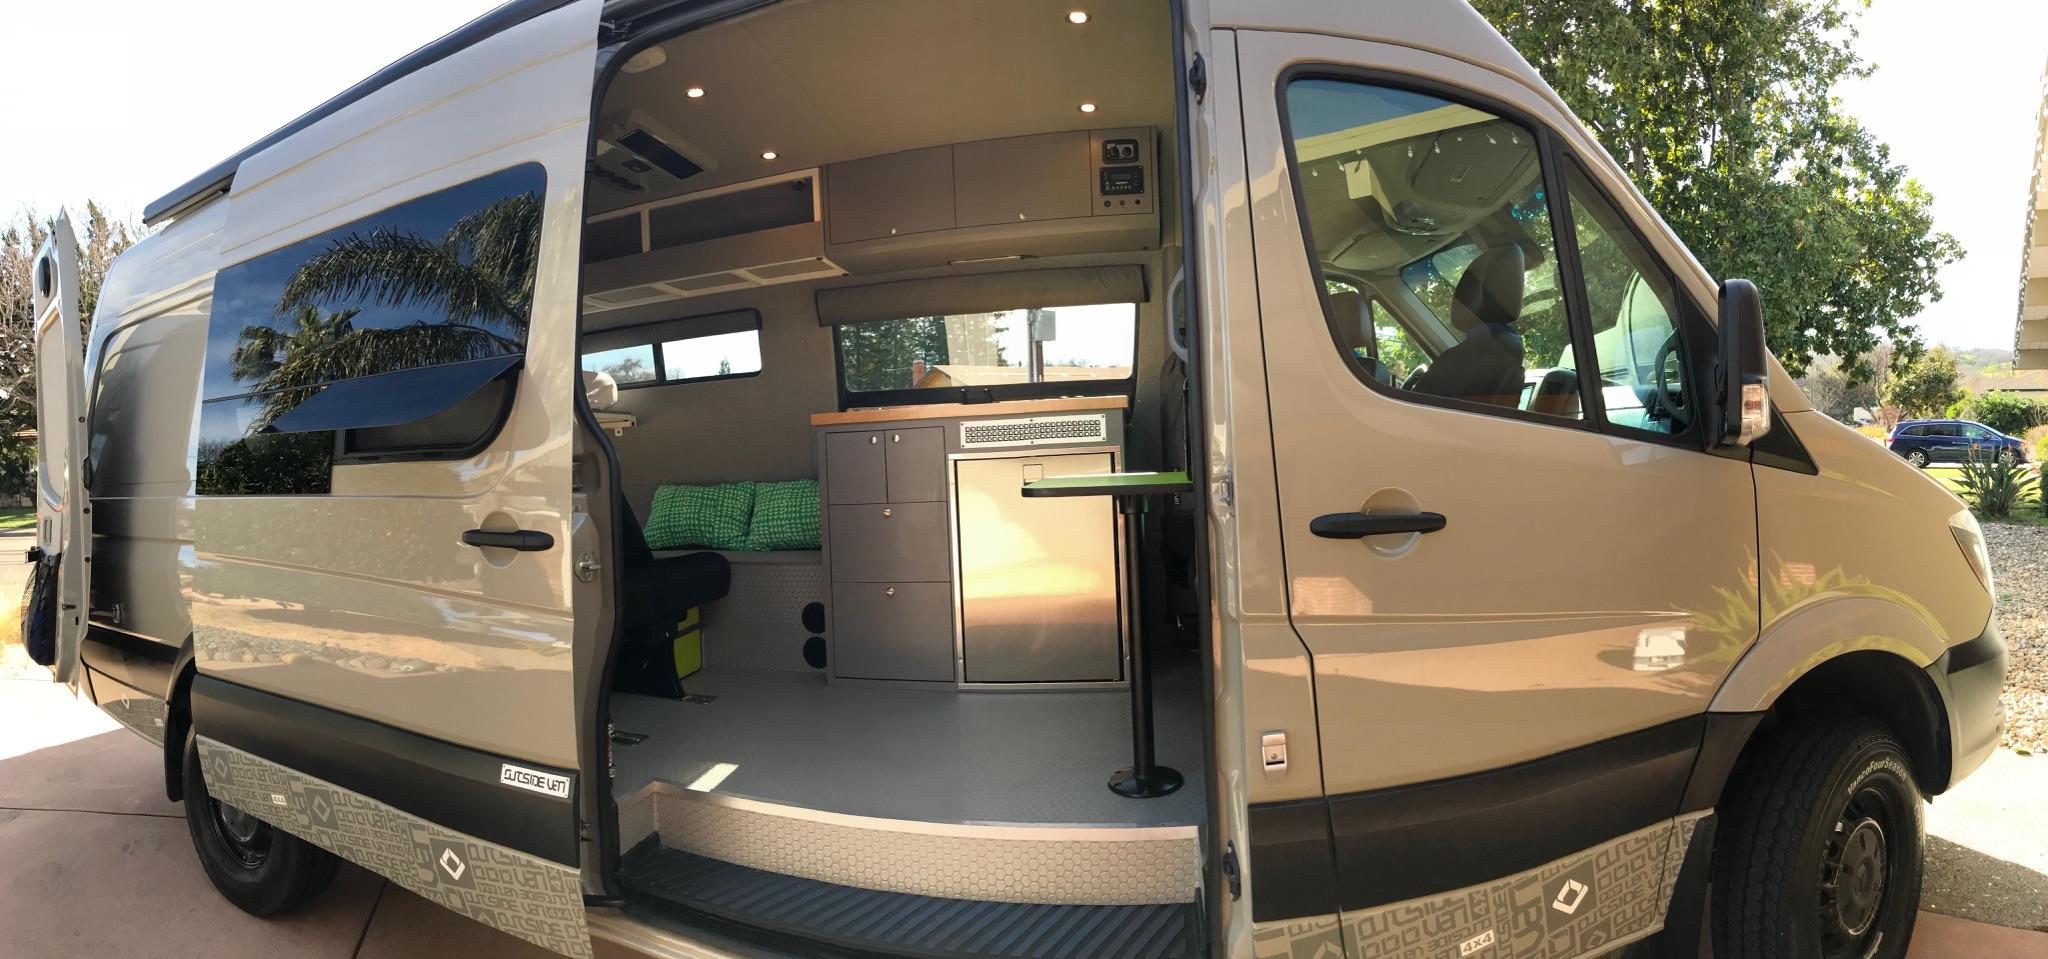 Mercedes-Benz Sprinter RV Motorhome Campervan 2018